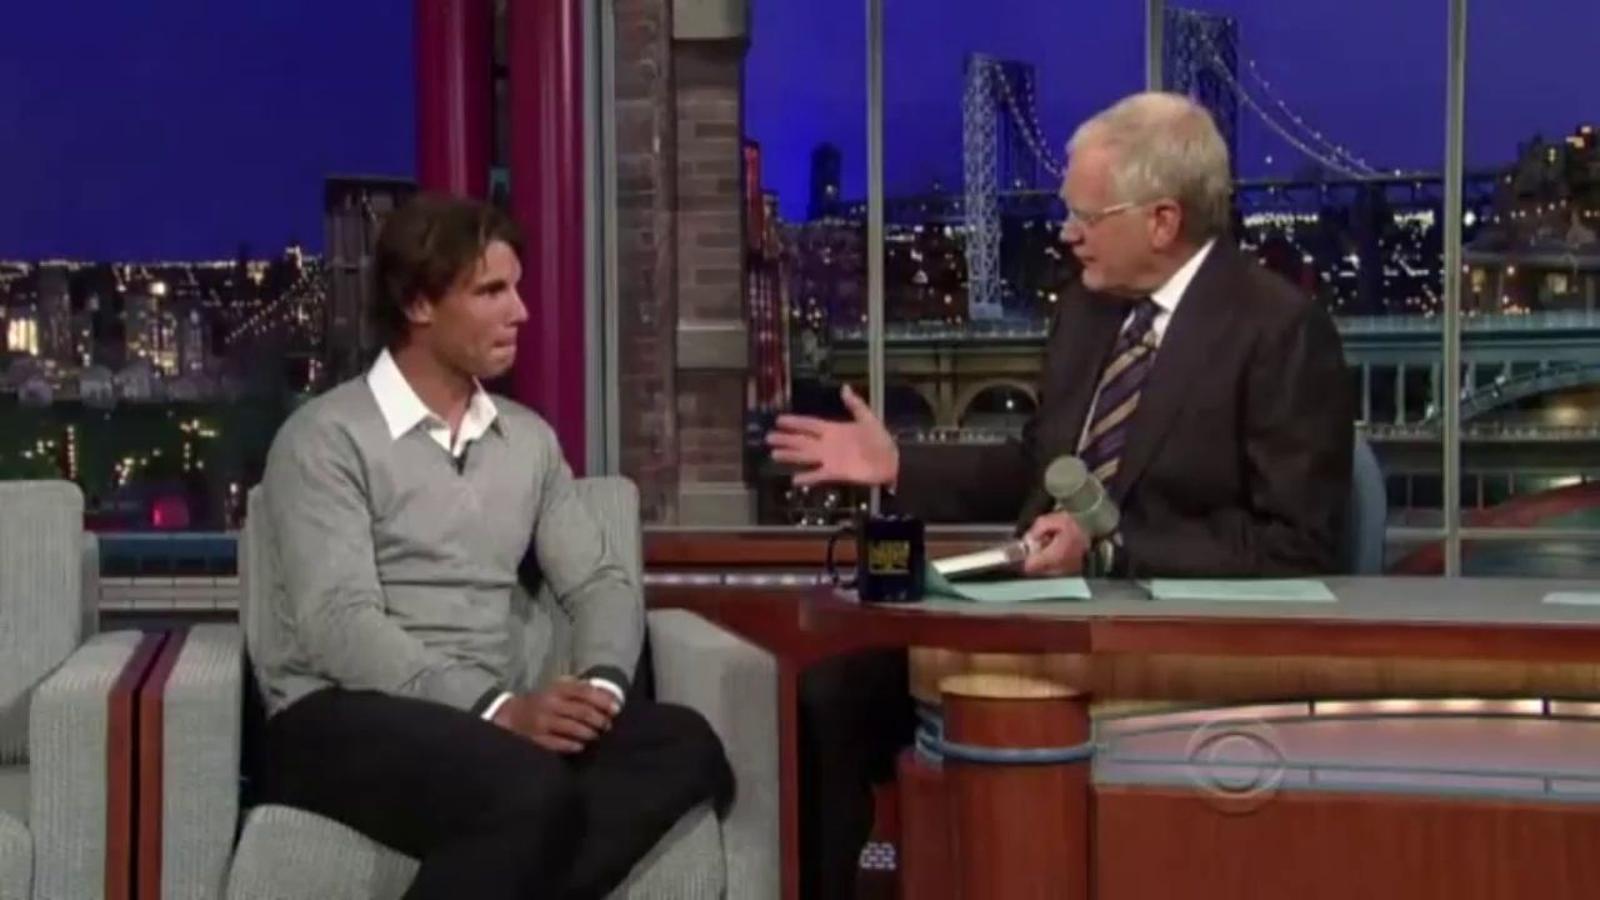 Rafa Nadal explica les diferències entre el castellà, el català i el mallorquí al 'show' de David Letterman